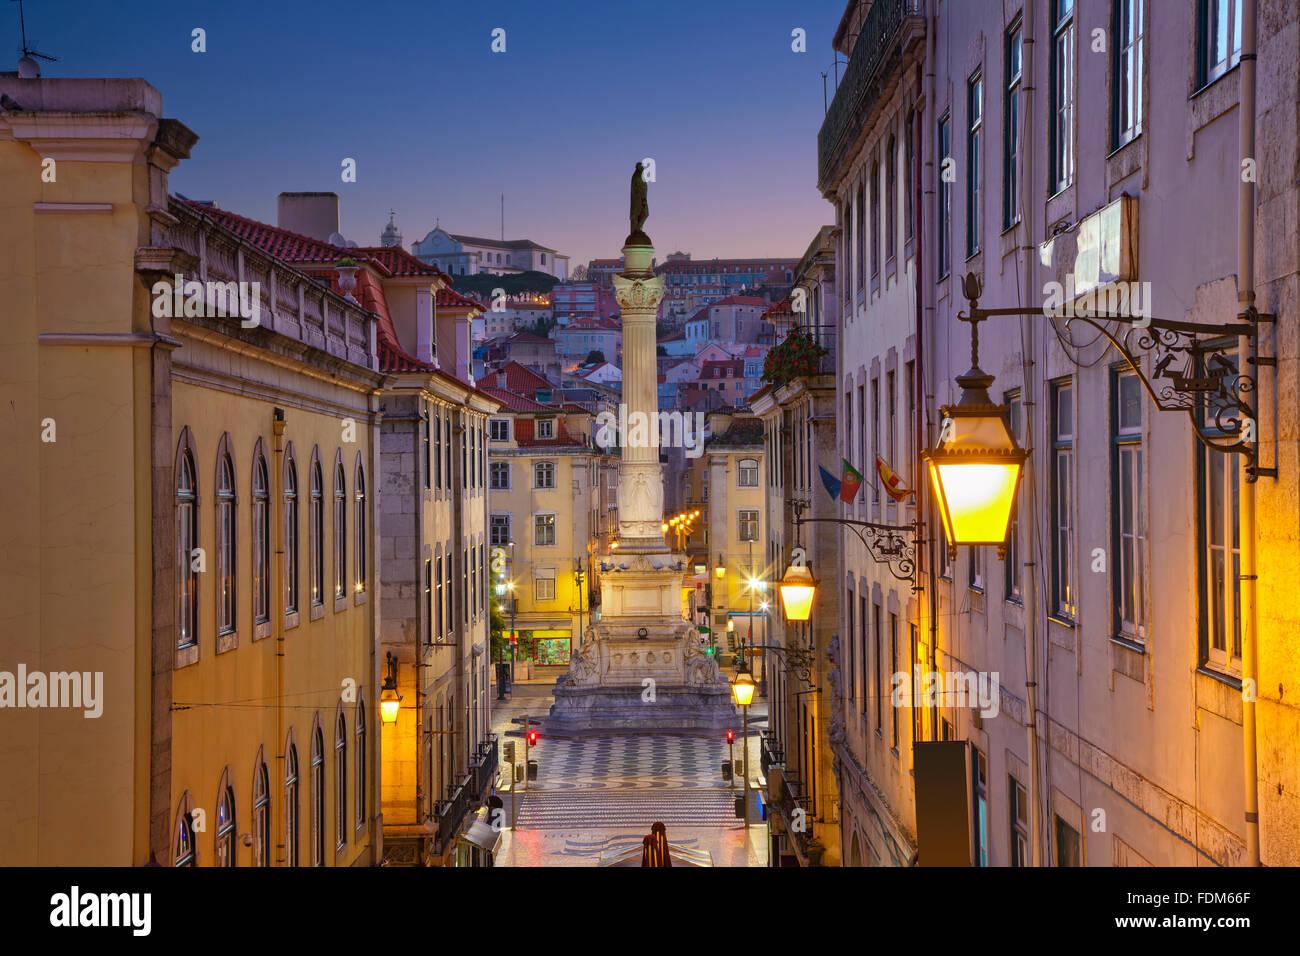 Lisbonne. Image de Lisbonne, au Portugal pendant le crépuscule heure bleue. Banque D'Images